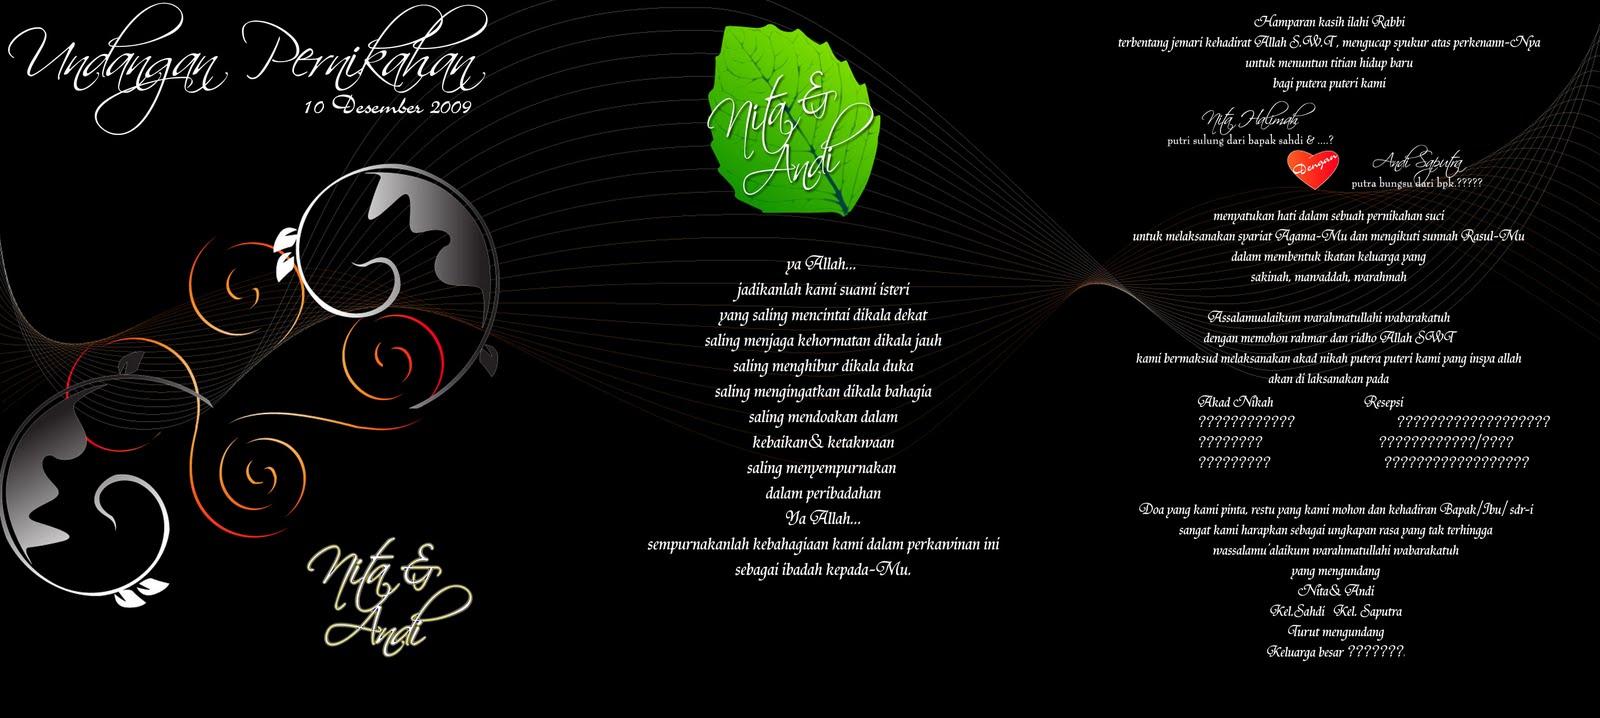 67 Foto Desain Undangan Pernikahan Dengan Microsoft Word HD Terbaru Yang Bisa Anda Tiru